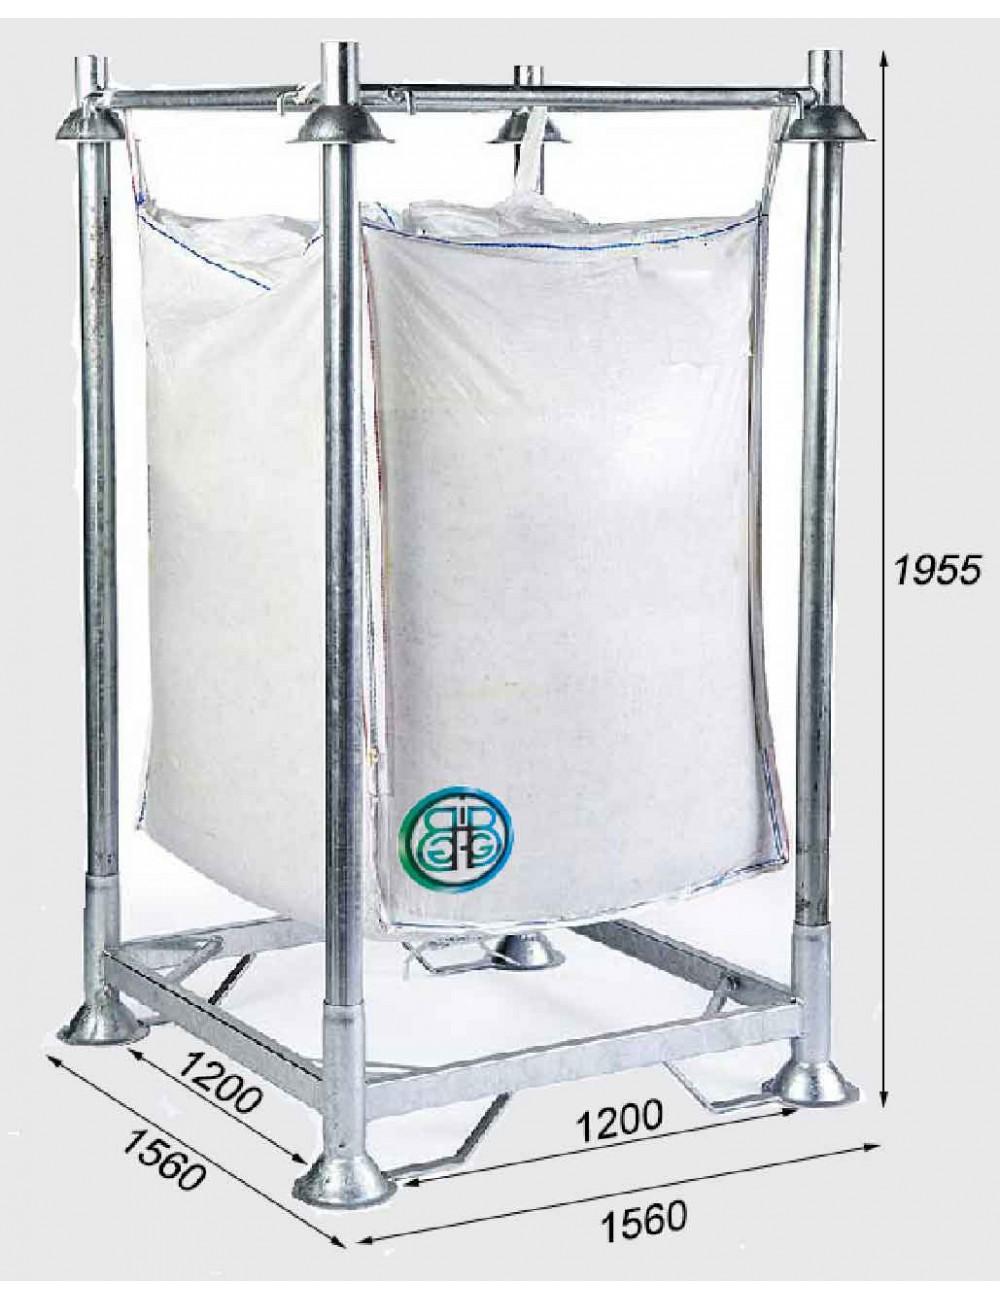 Telaio di supporto rinforzato per Big Bag Altezza 195,5 cm